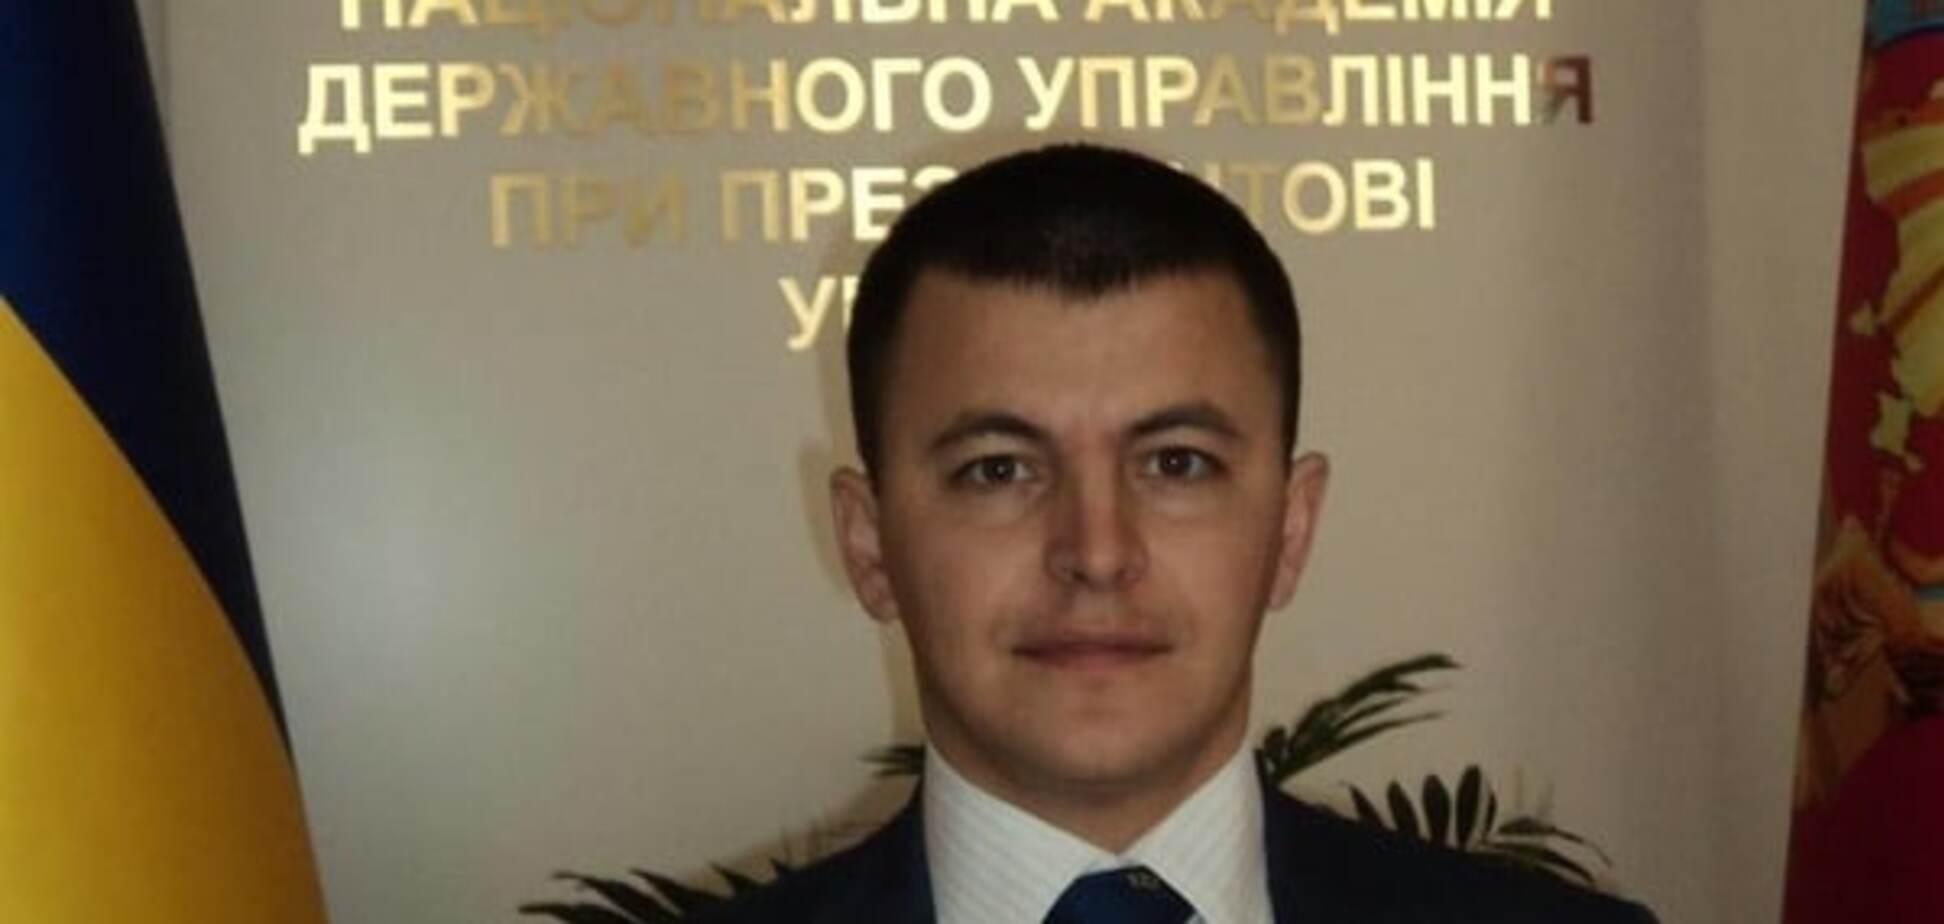 Ервін Ібрагімов